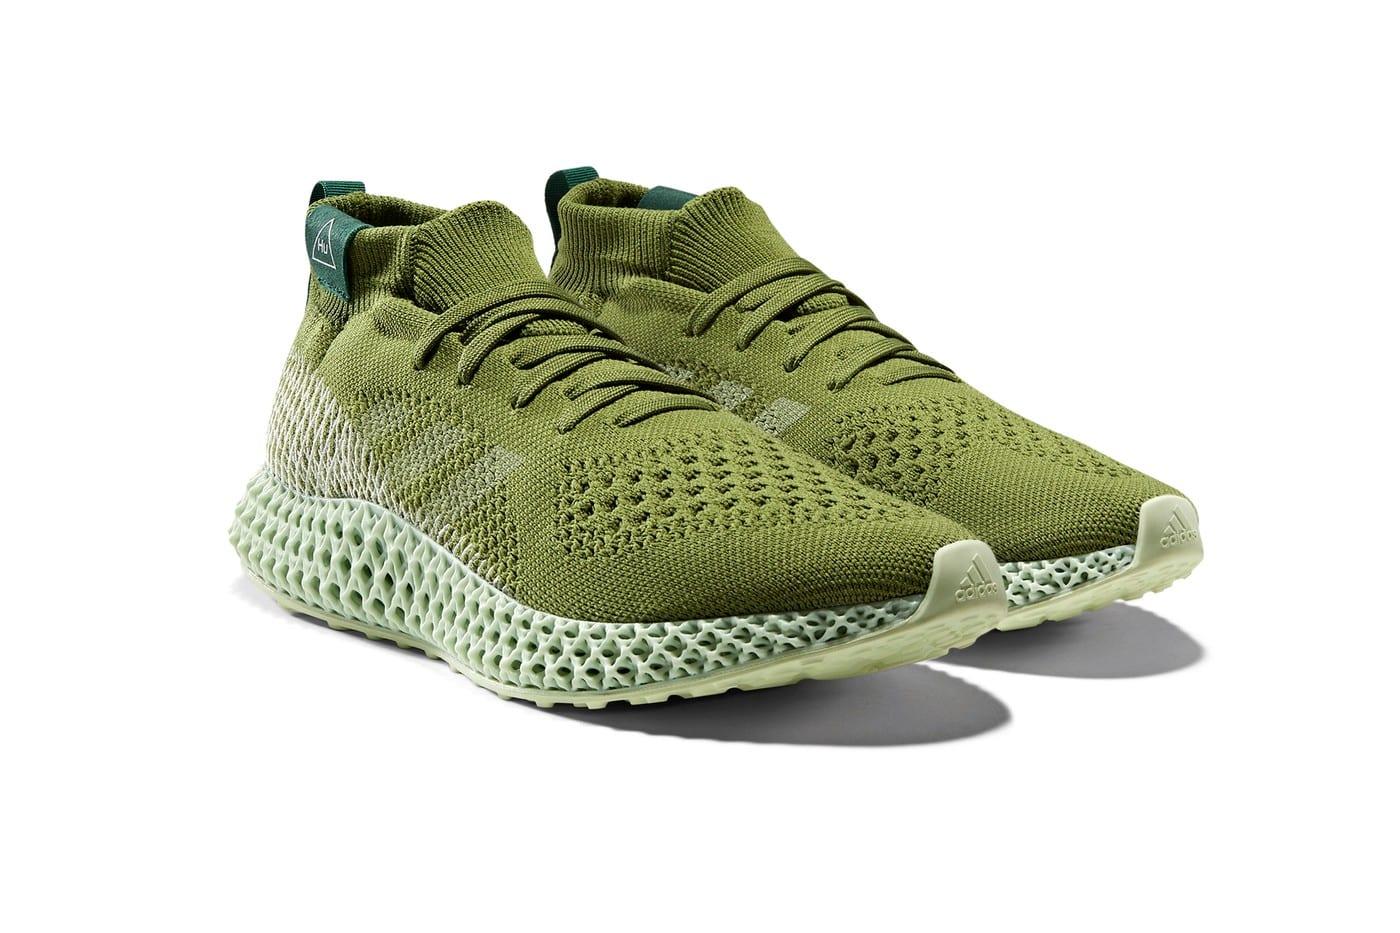 adidas-pharrell-williams-alphaedge-4d-chaussures-running-runpack-2